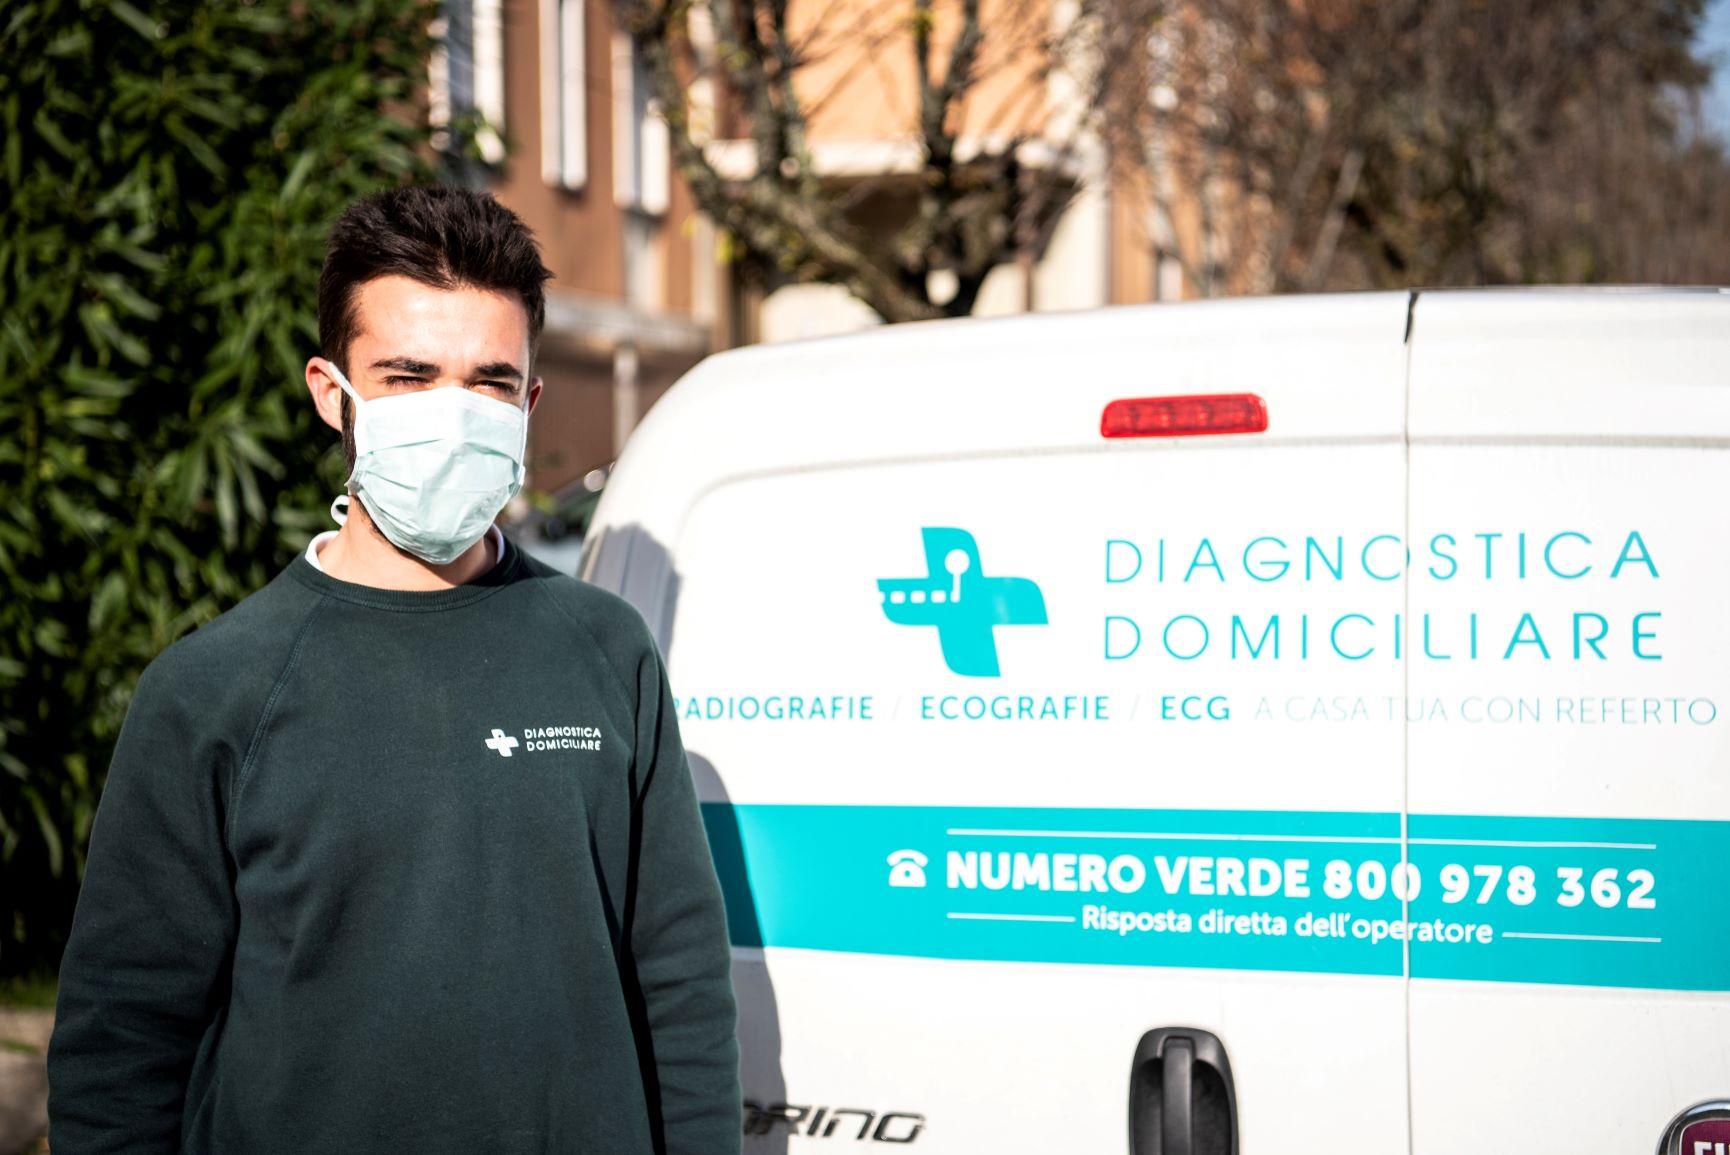 DIAGNOSTICA DOMICILIARE_106 (2)